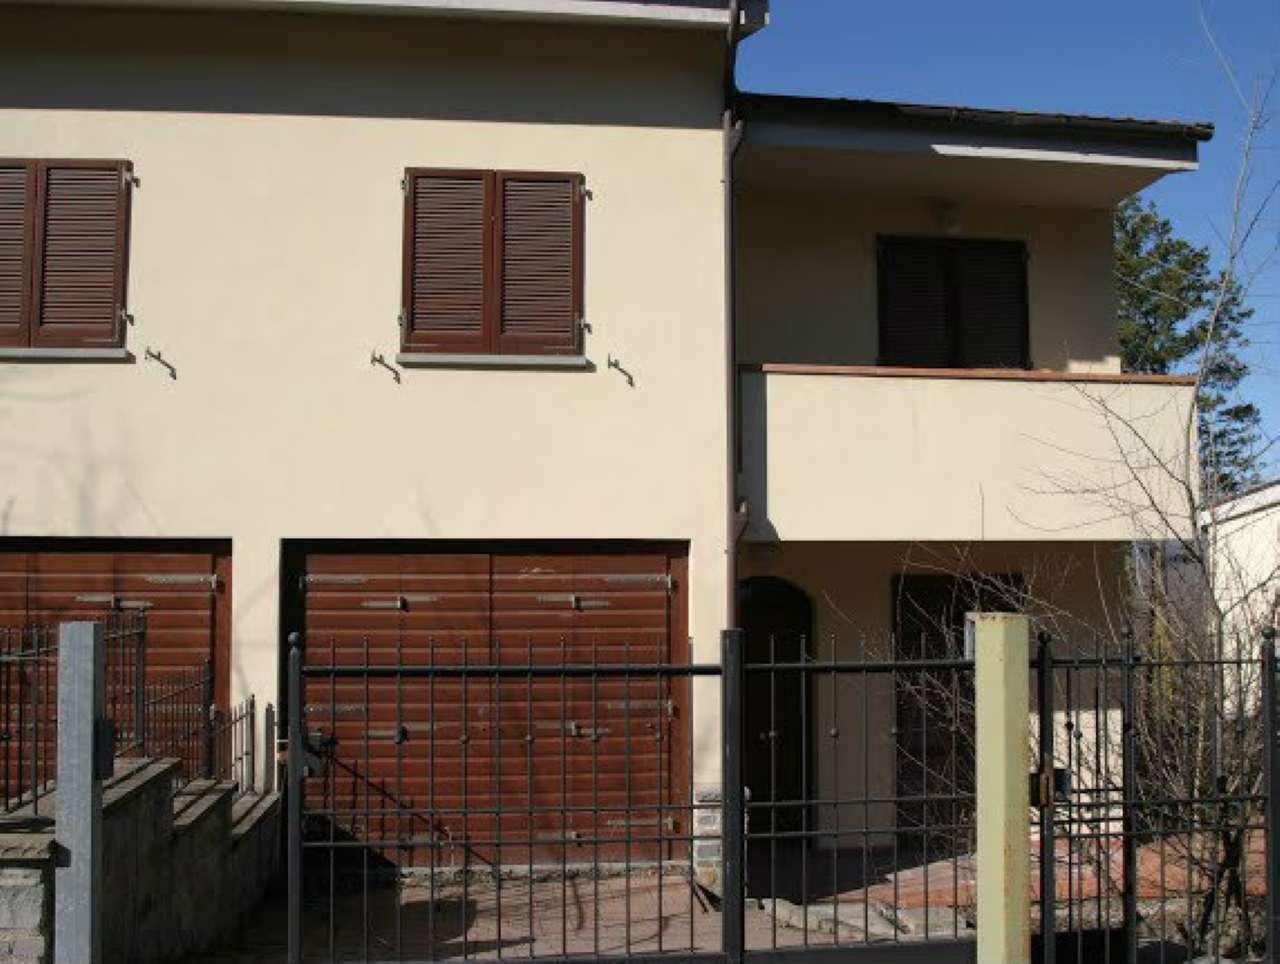 Palazzo / Stabile in vendita a Vaglia, 6 locali, prezzo € 380.000 | CambioCasa.it